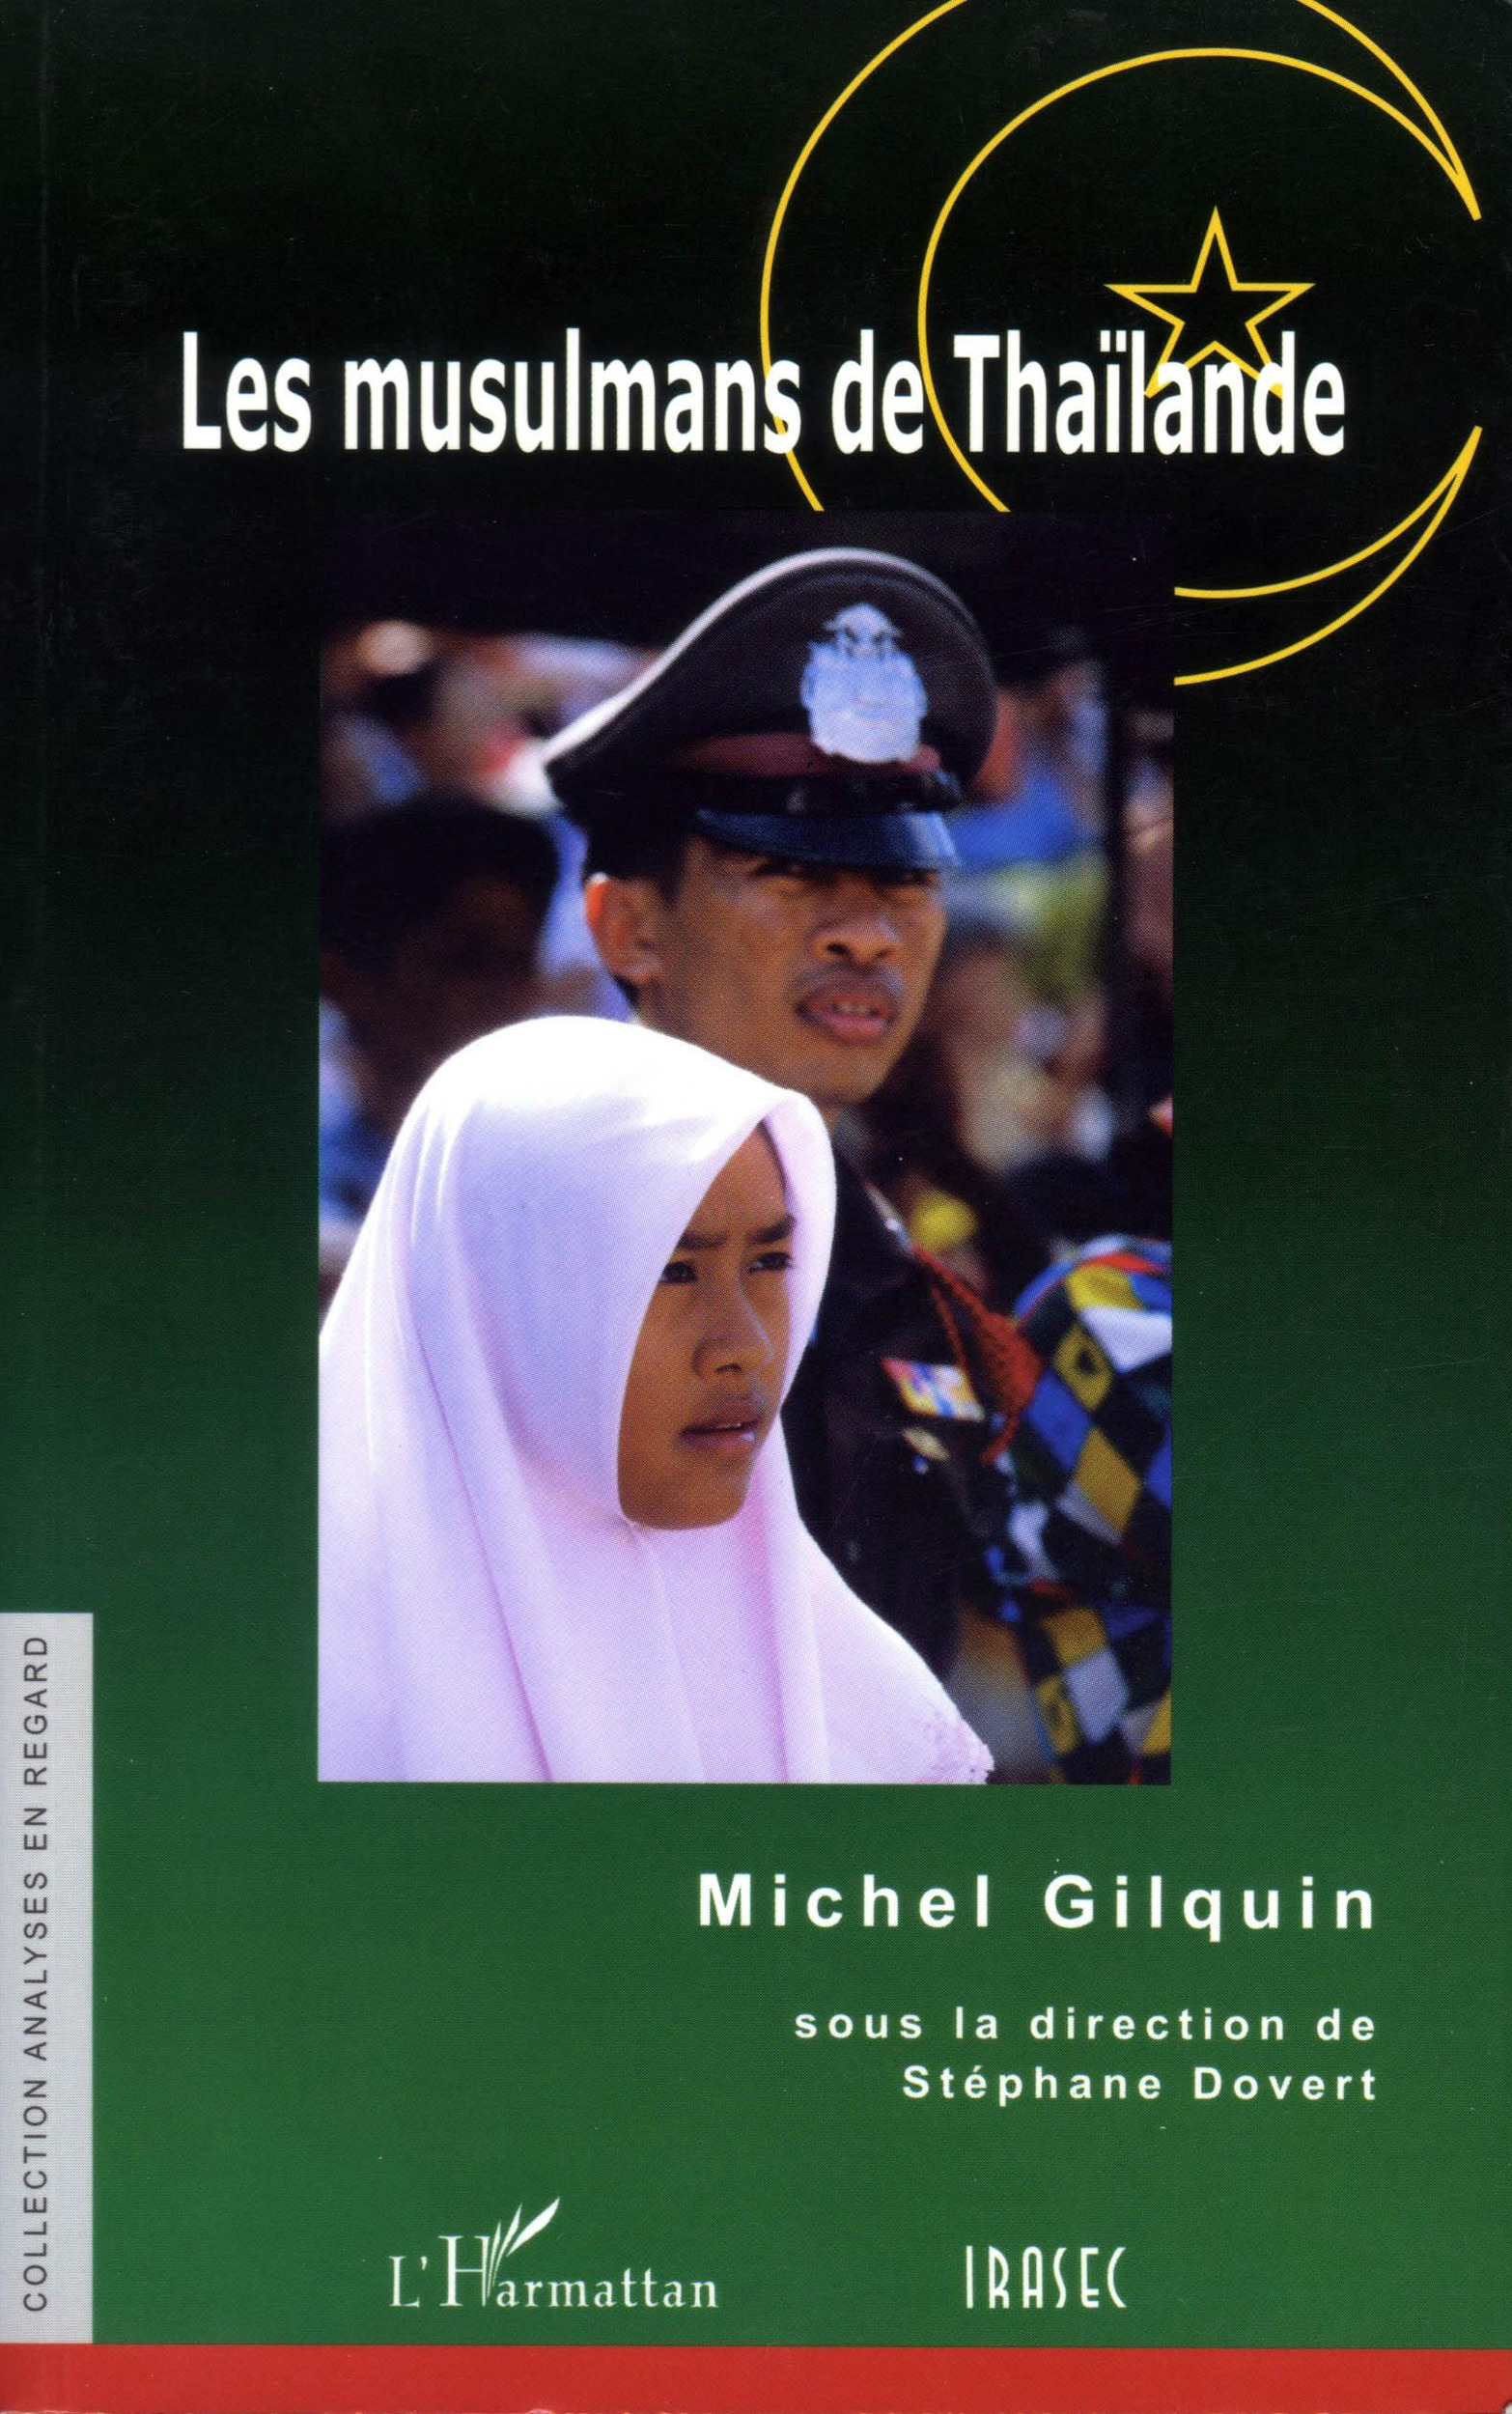 Les musulmans de thailande